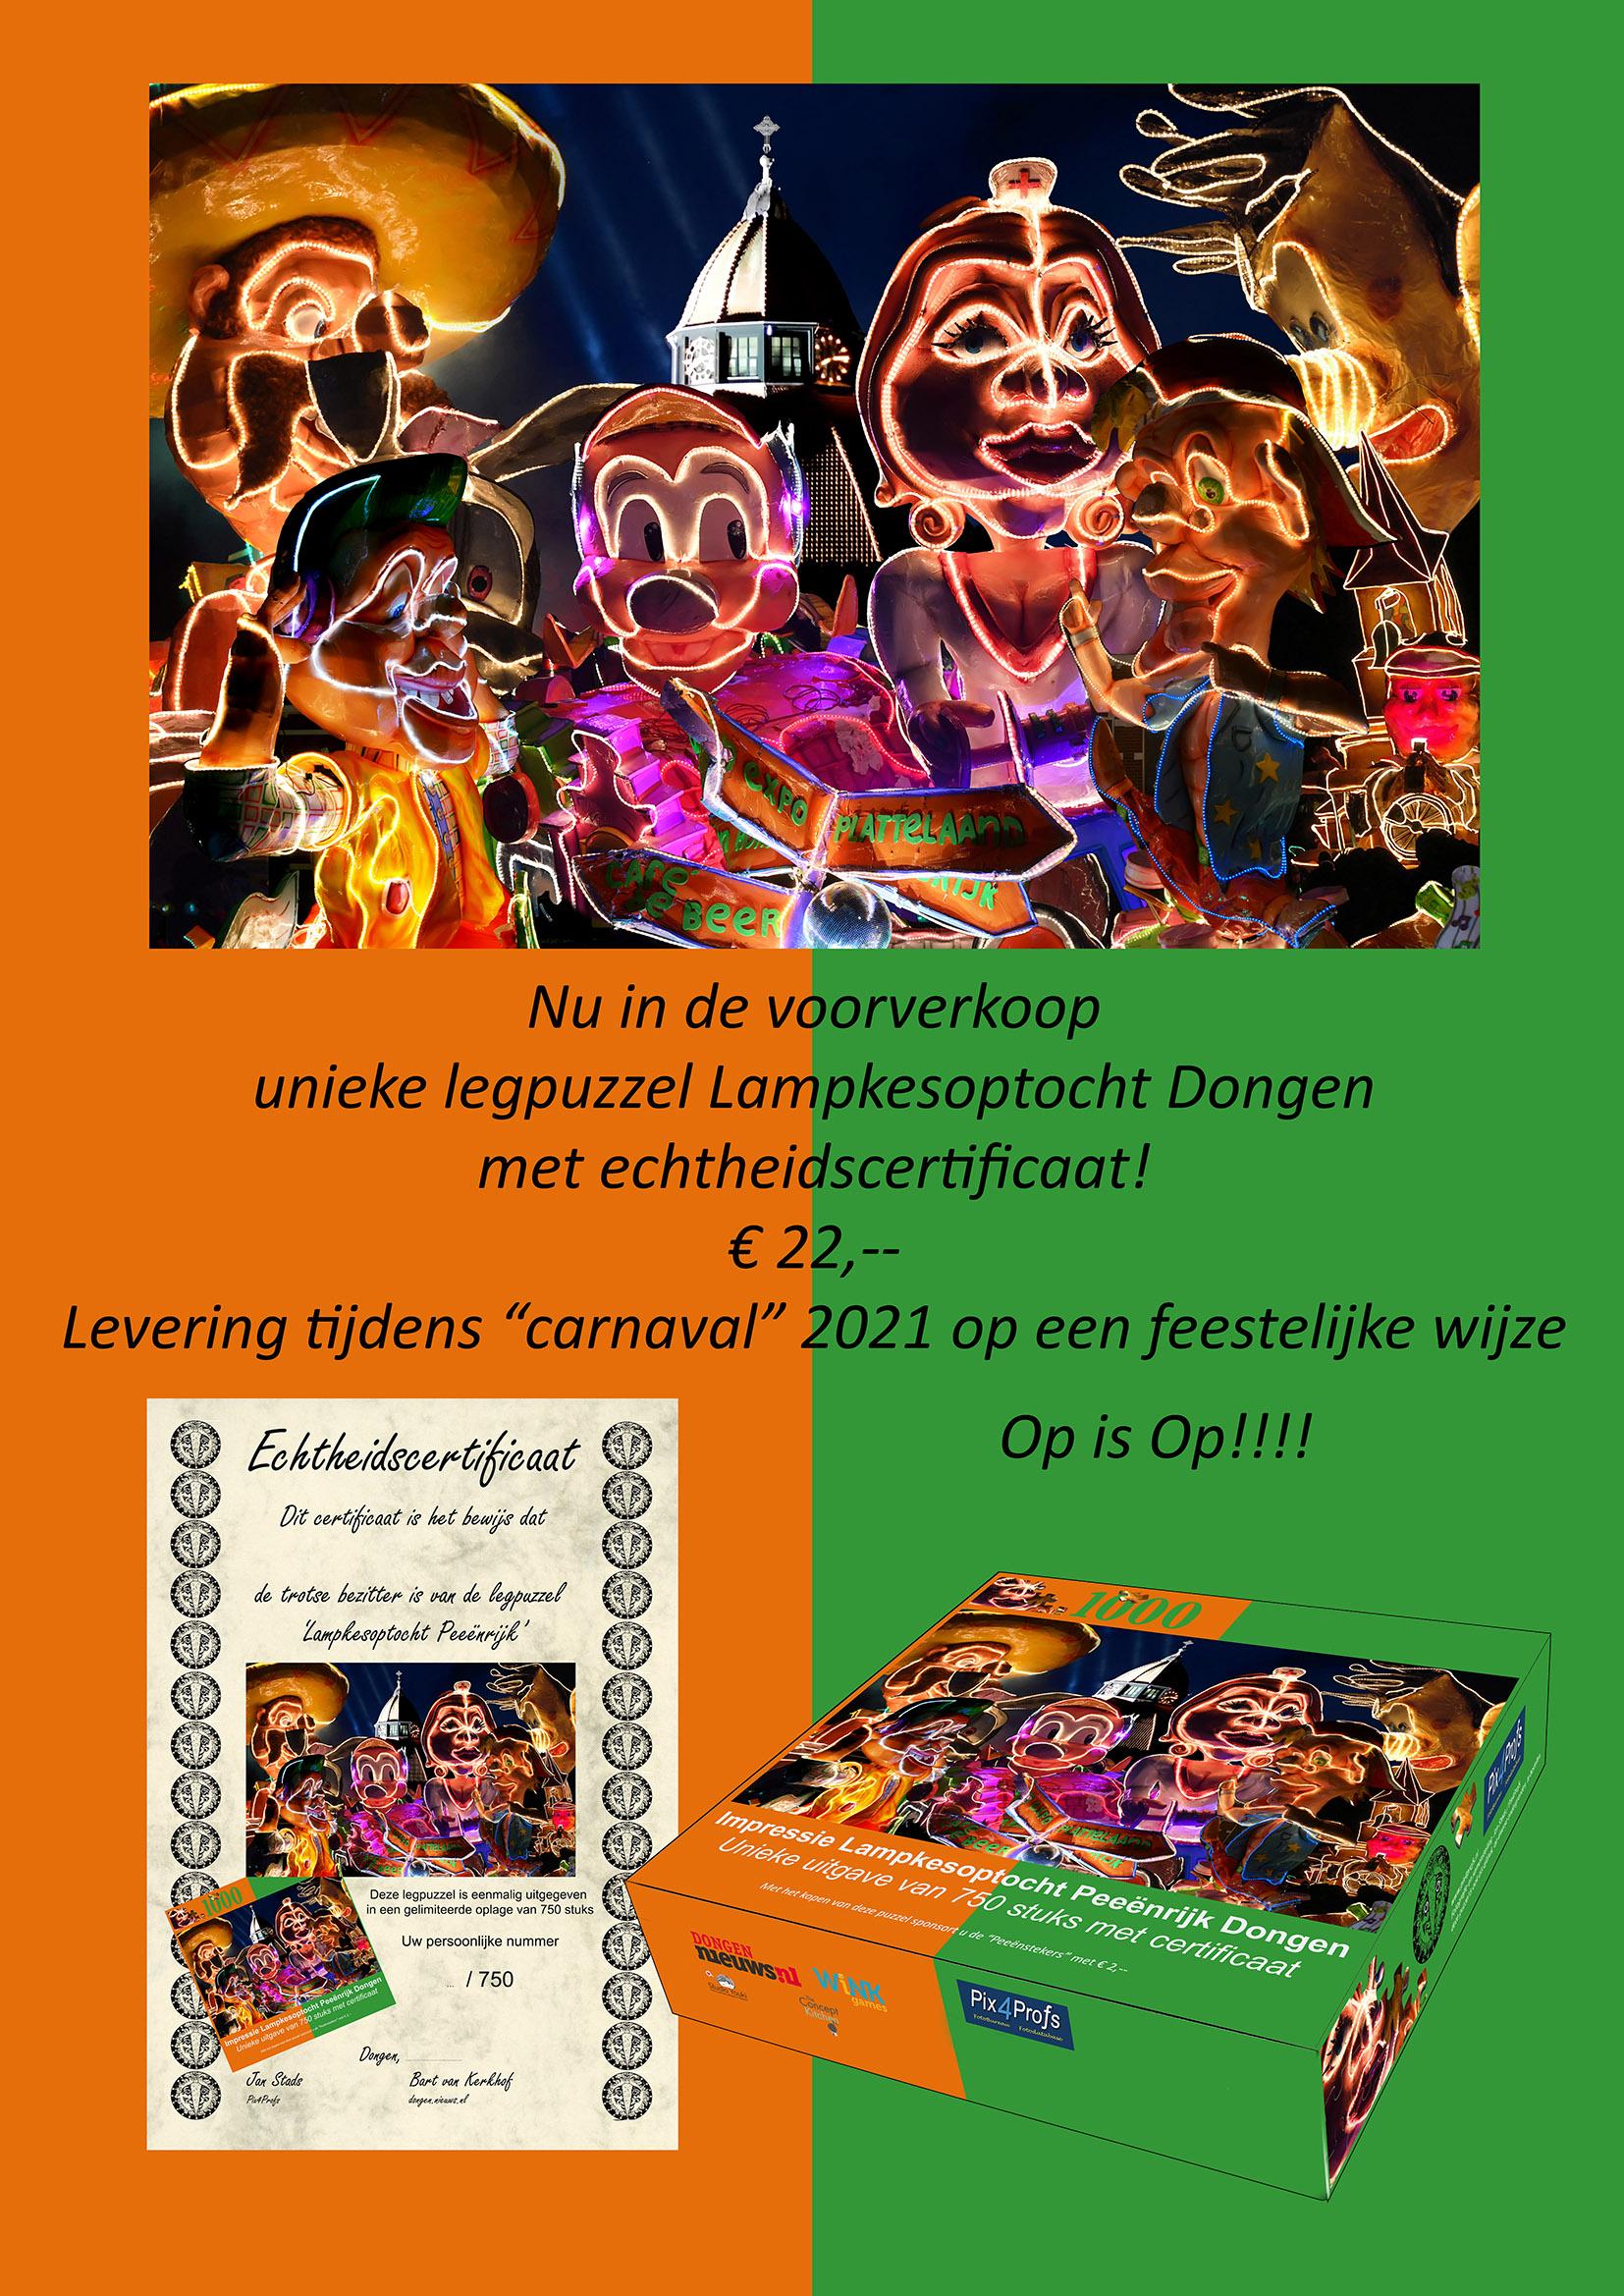 Puzzel Lampkesoptocht Dongen